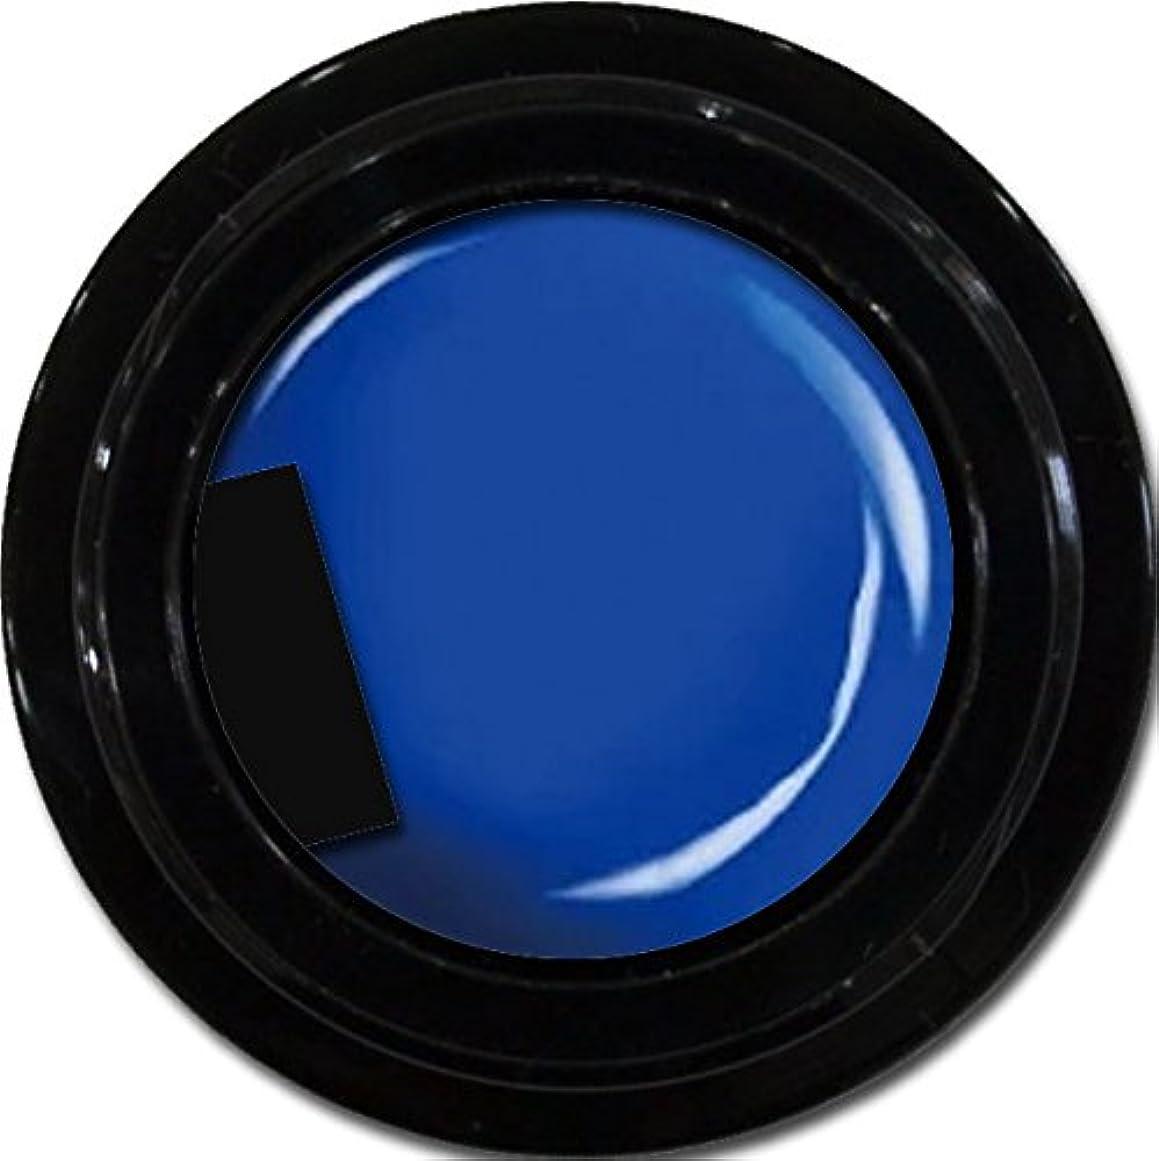 スポーツの試合を担当している人機械抵抗力があるカラージェル enchant color gel M708 UltraMarine 3g/ マットカラージェル M708 ウルトラマリン 3グラム